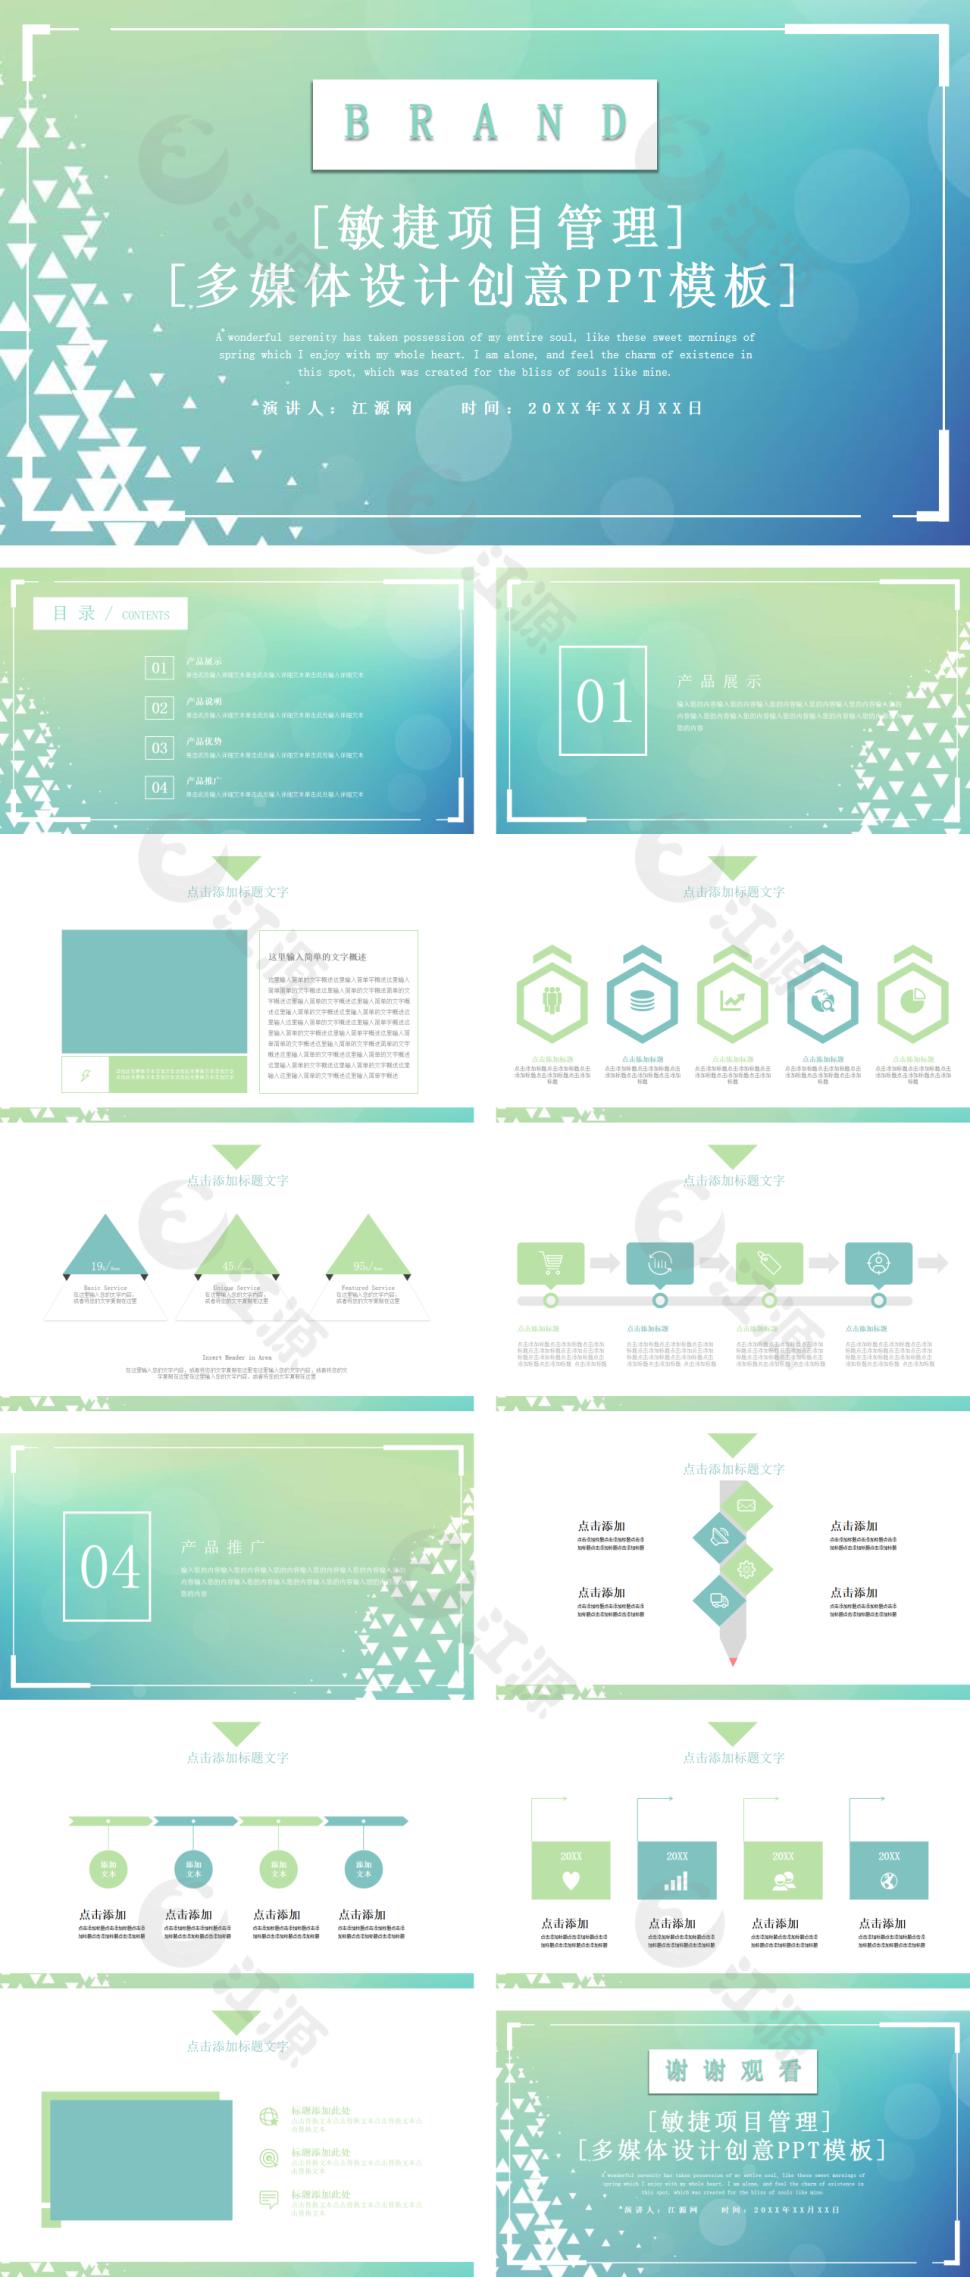 敏捷项目管理多媒体设计创意PPT模板